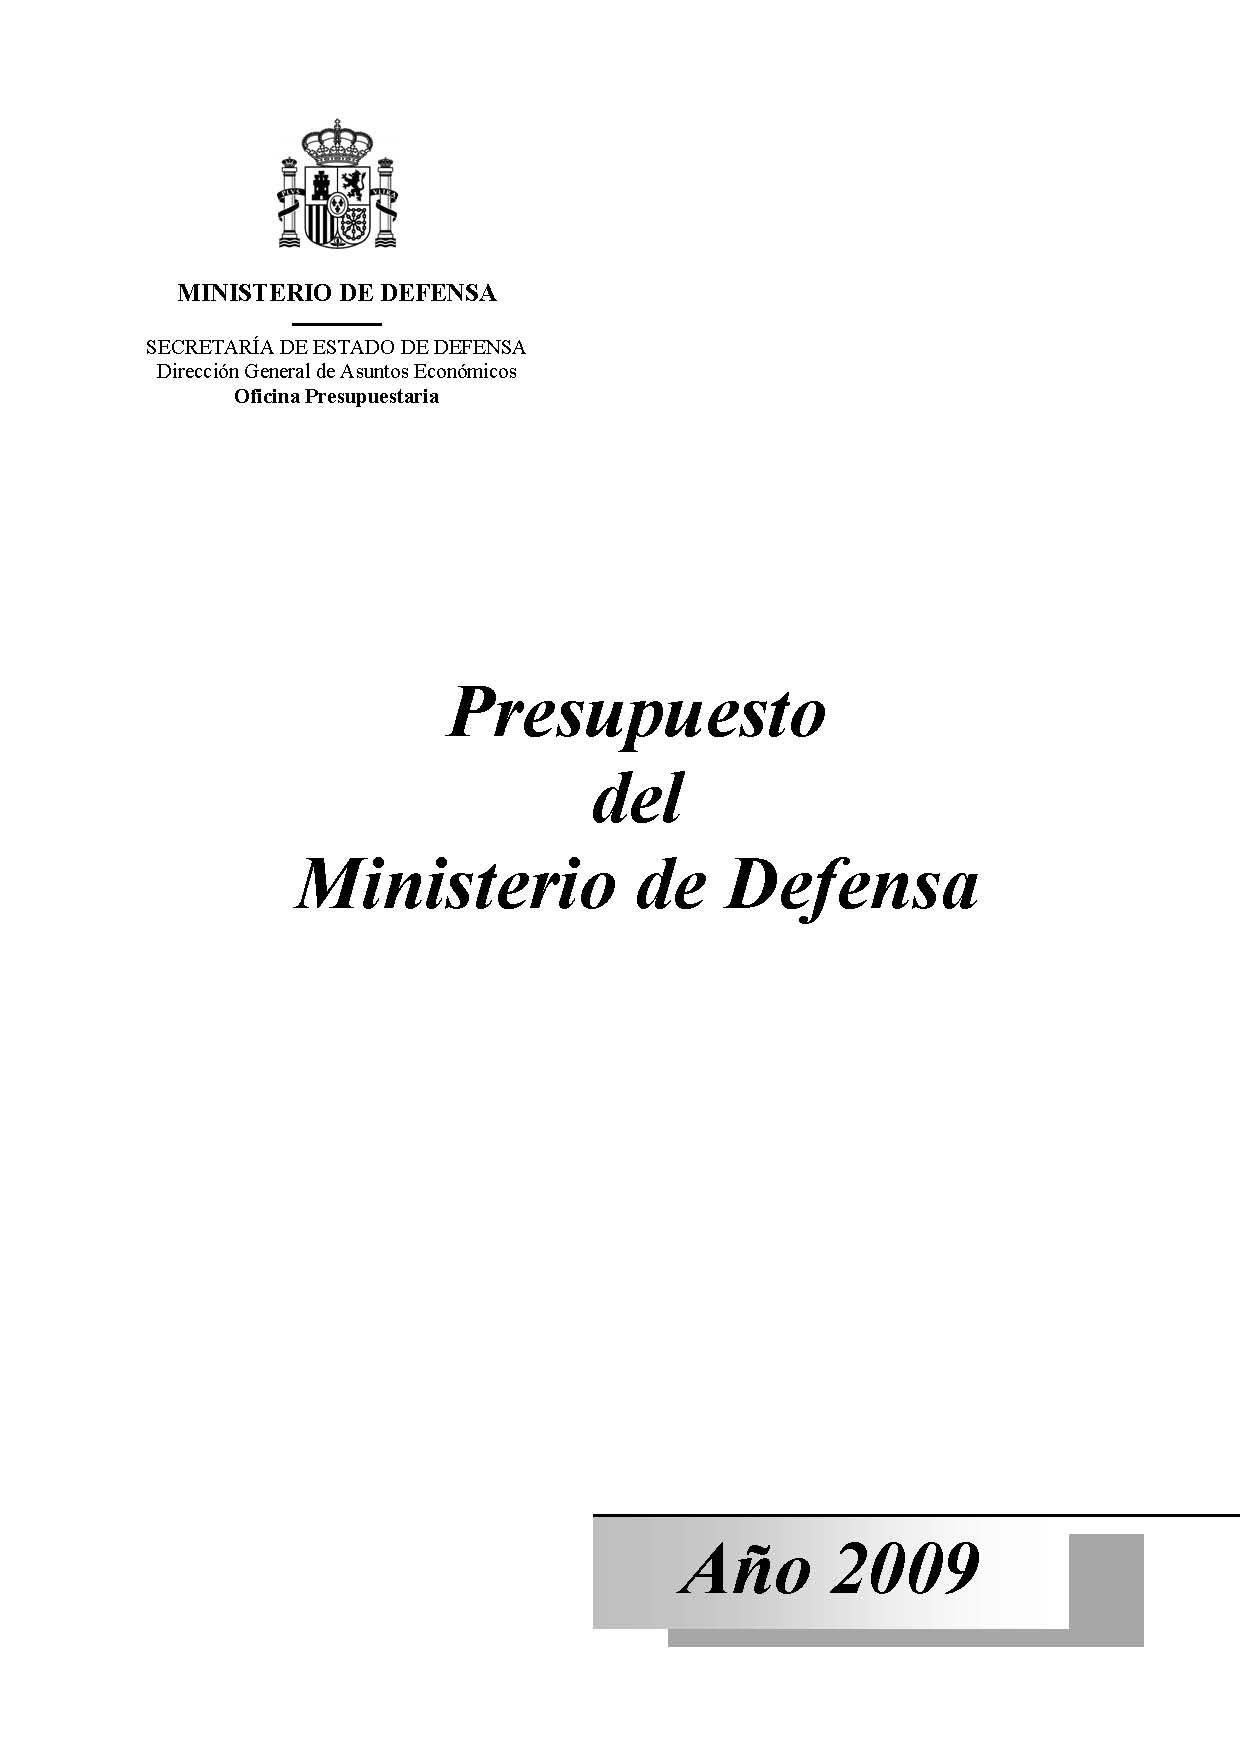 PRESUPUESTO DEL MINISTERIO DE DEFENSA. AÑO 2009